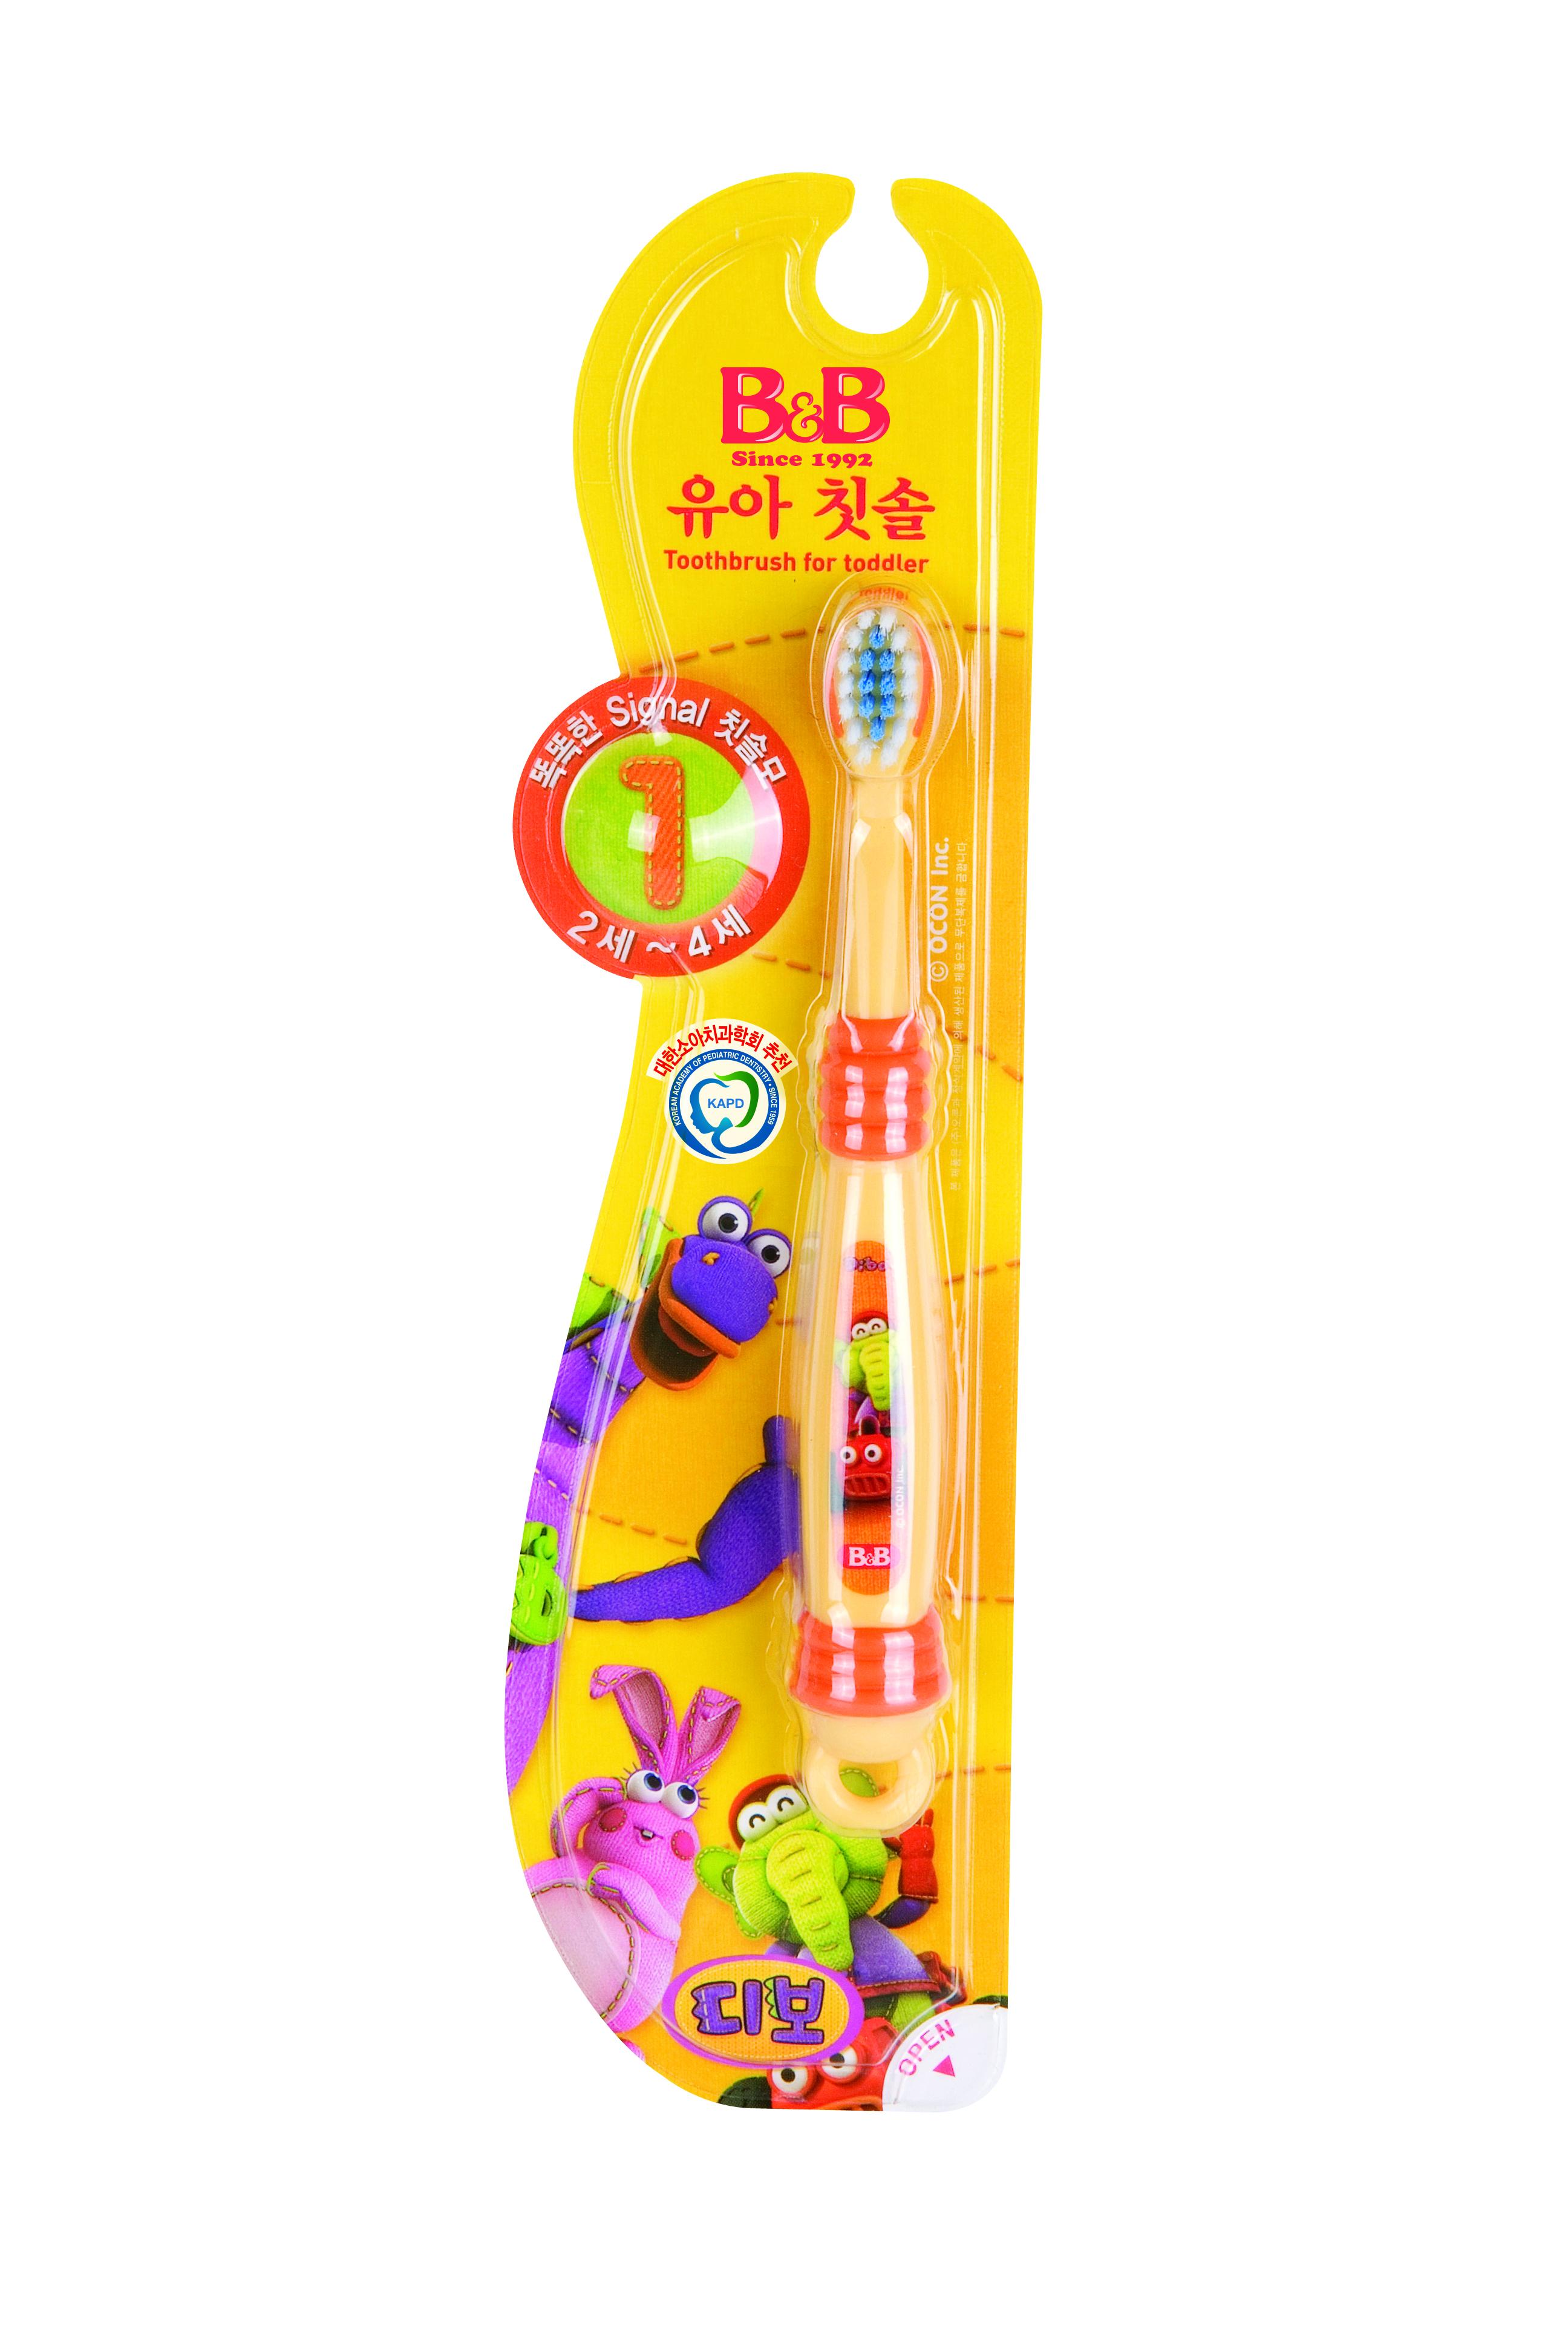 B&B Baby Toothbrush